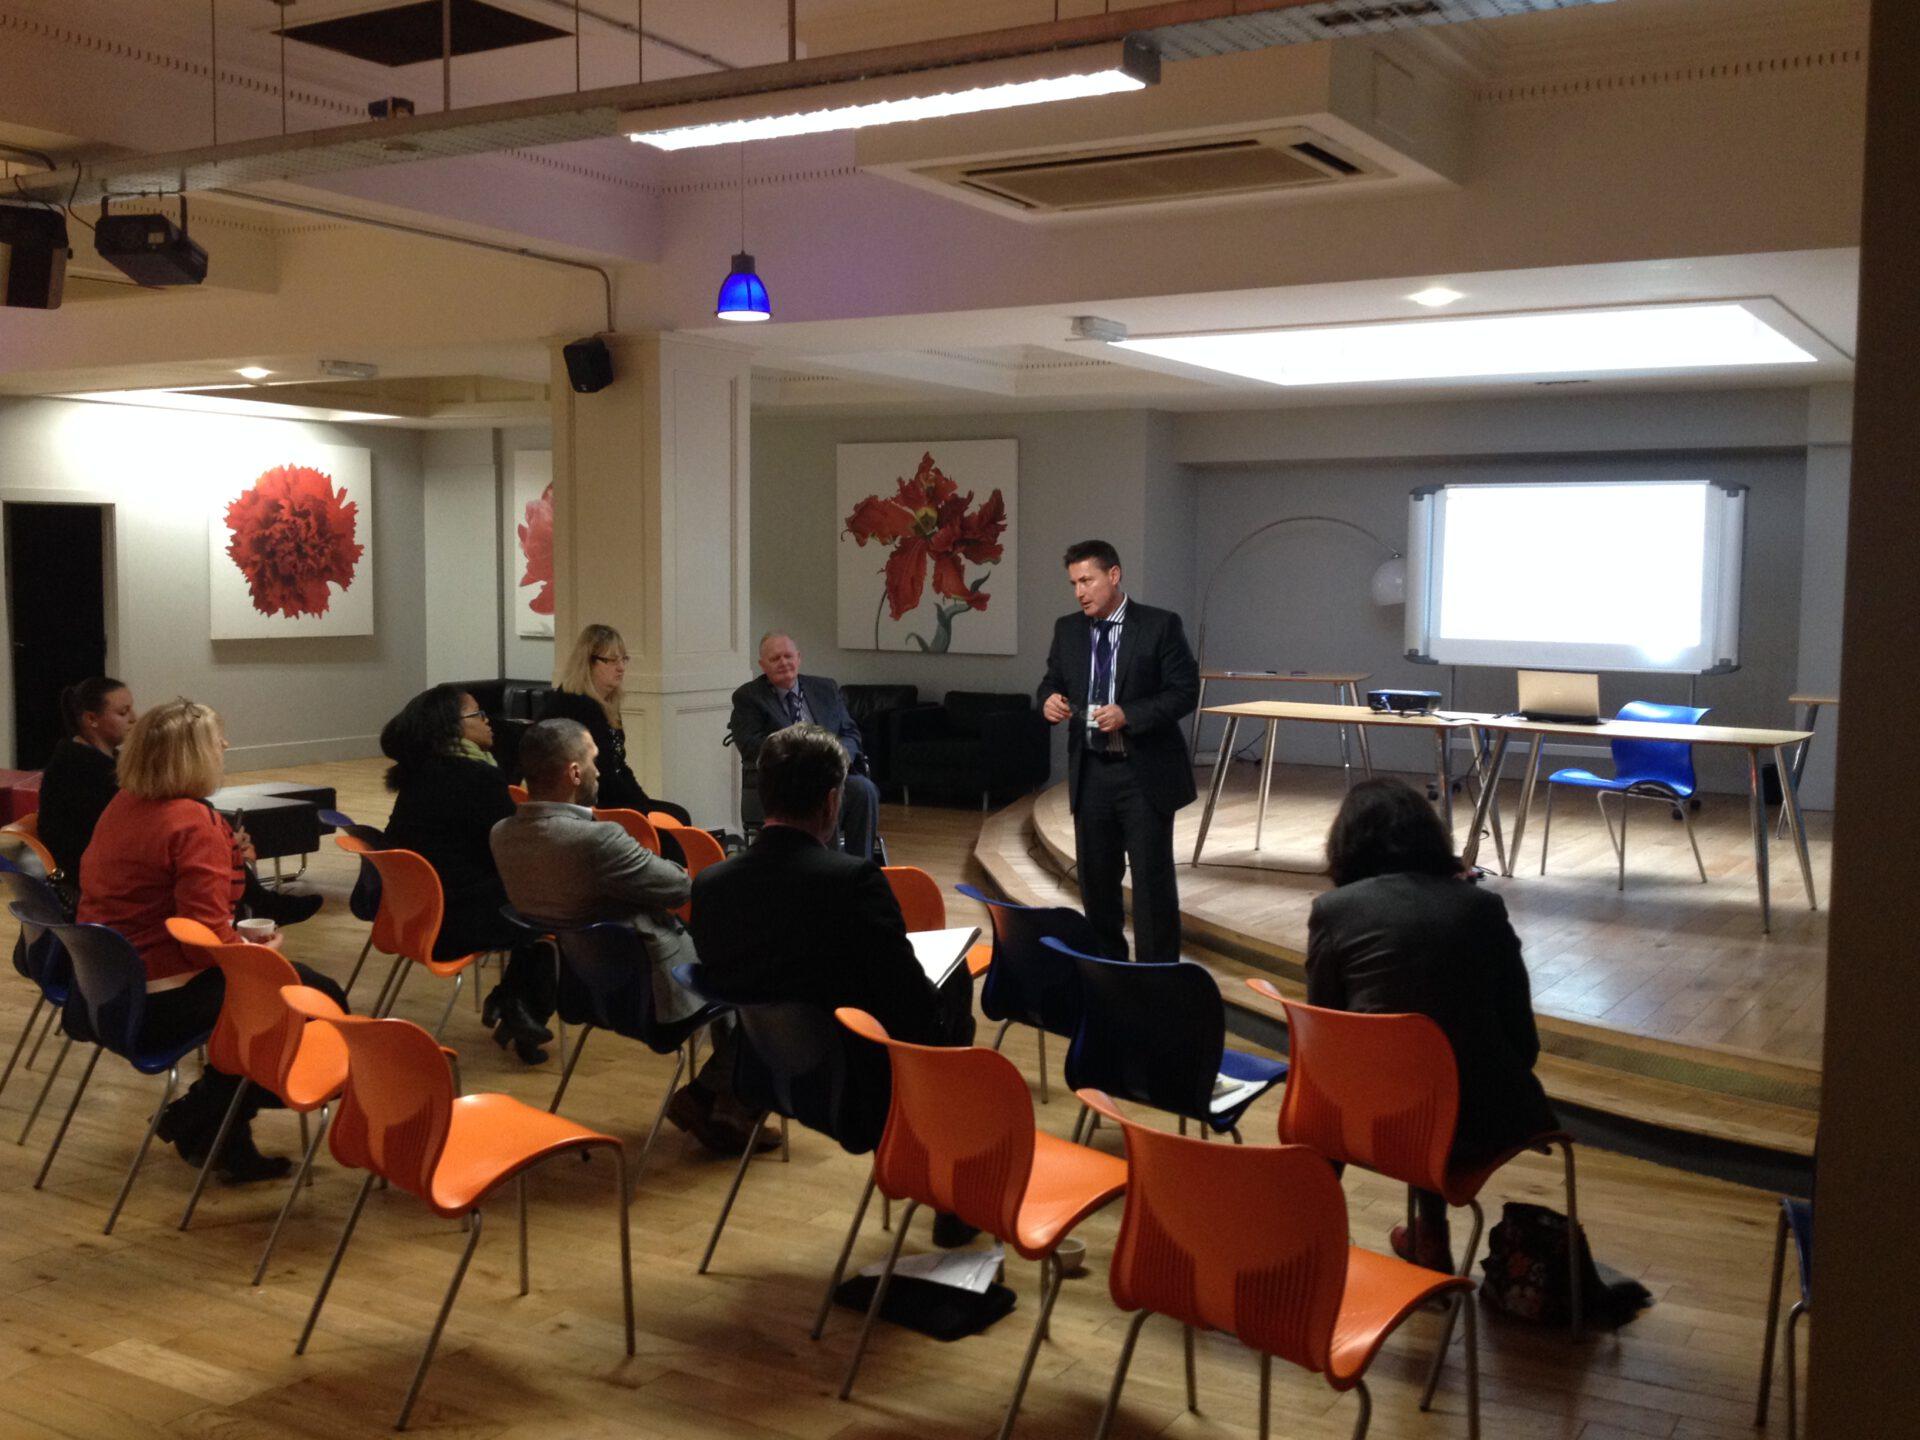 Twin English Centres เรียนต่อต่างประเทศ เรียนภาษาอังกฤษ เรียนต่อ ต่างประเทศ เรียนอังกฤษ เรียนต่อประเทศอังกฤษ ที่พักนักเรียนต่างประเทศ เรียนต่อนอก อังกฤษ